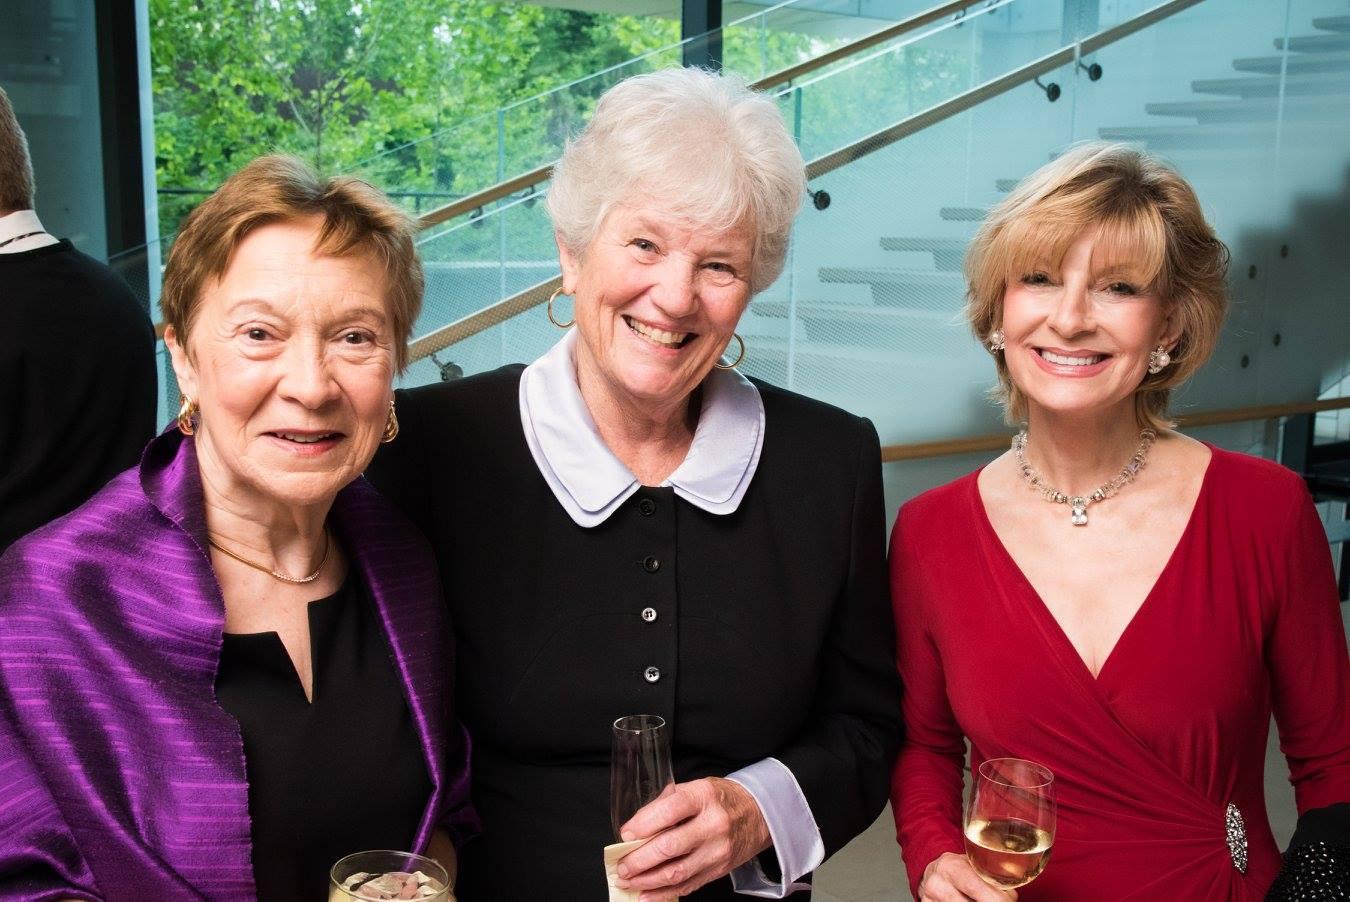 Mrs. Antoinette Robertson, Mrs. Carol Walker, Ms. Karyn Posner Mullen